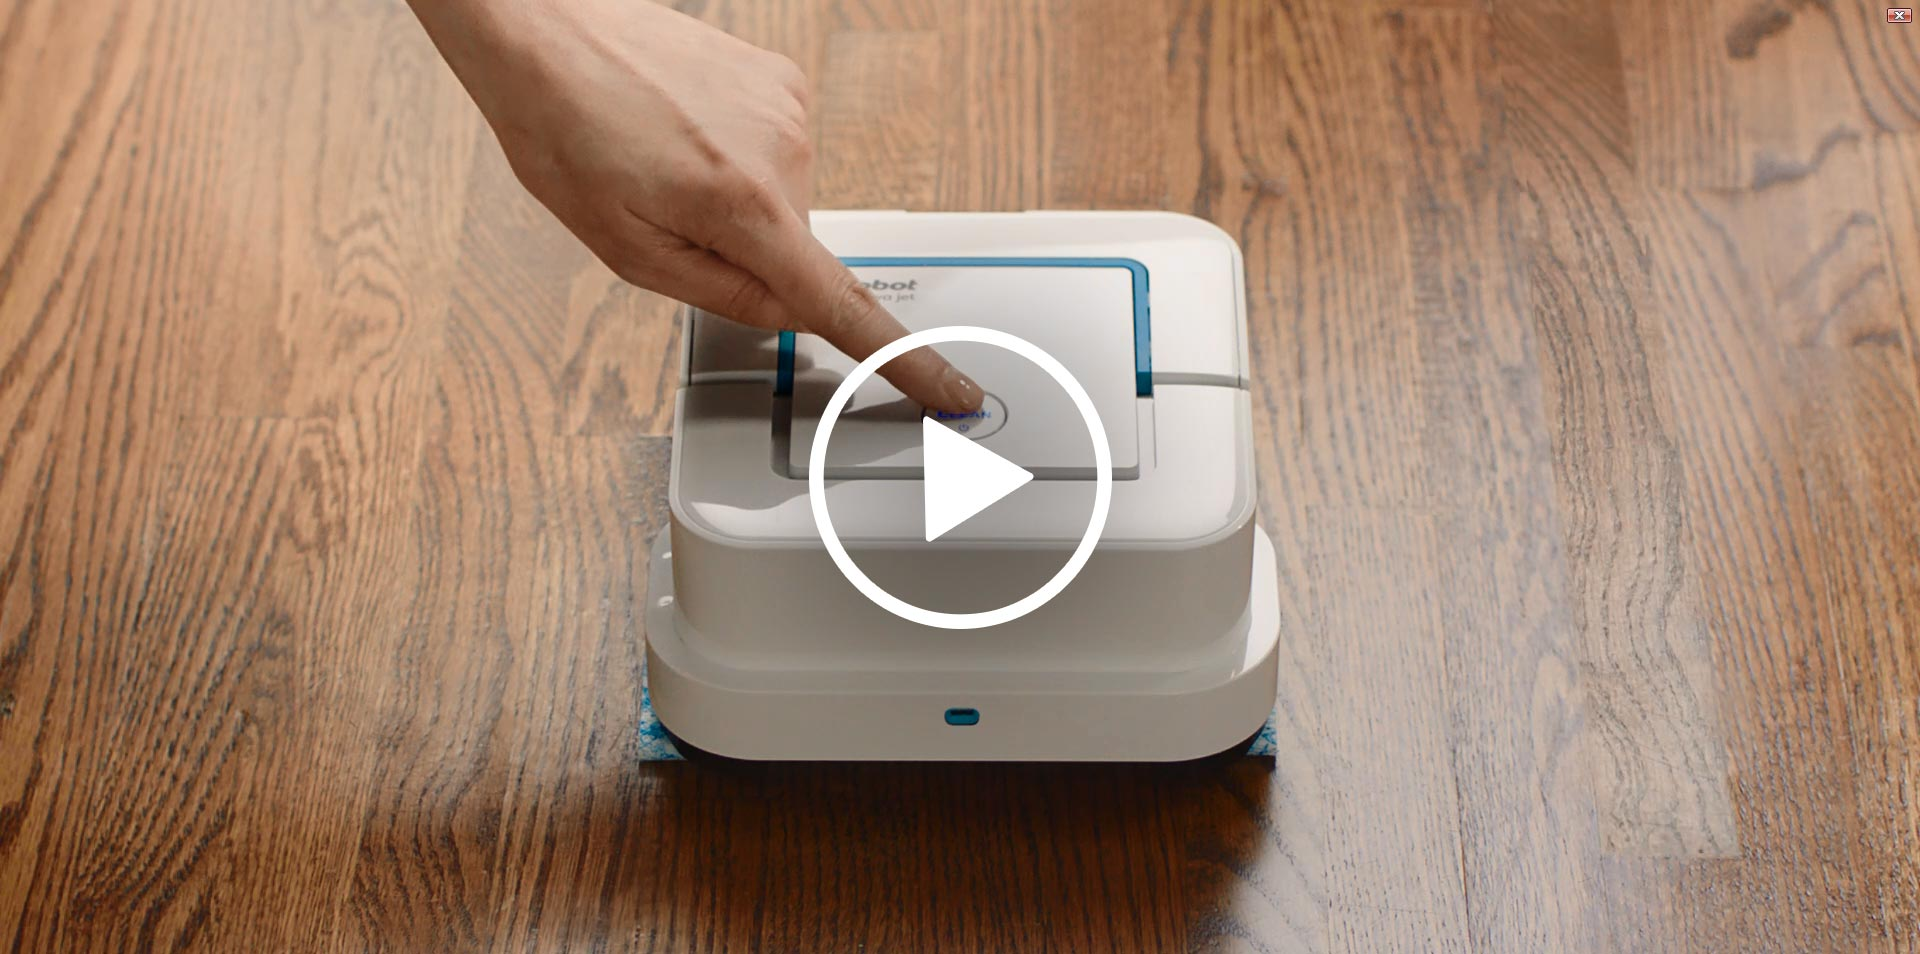 Irobot releases braava jet robot mop irobot